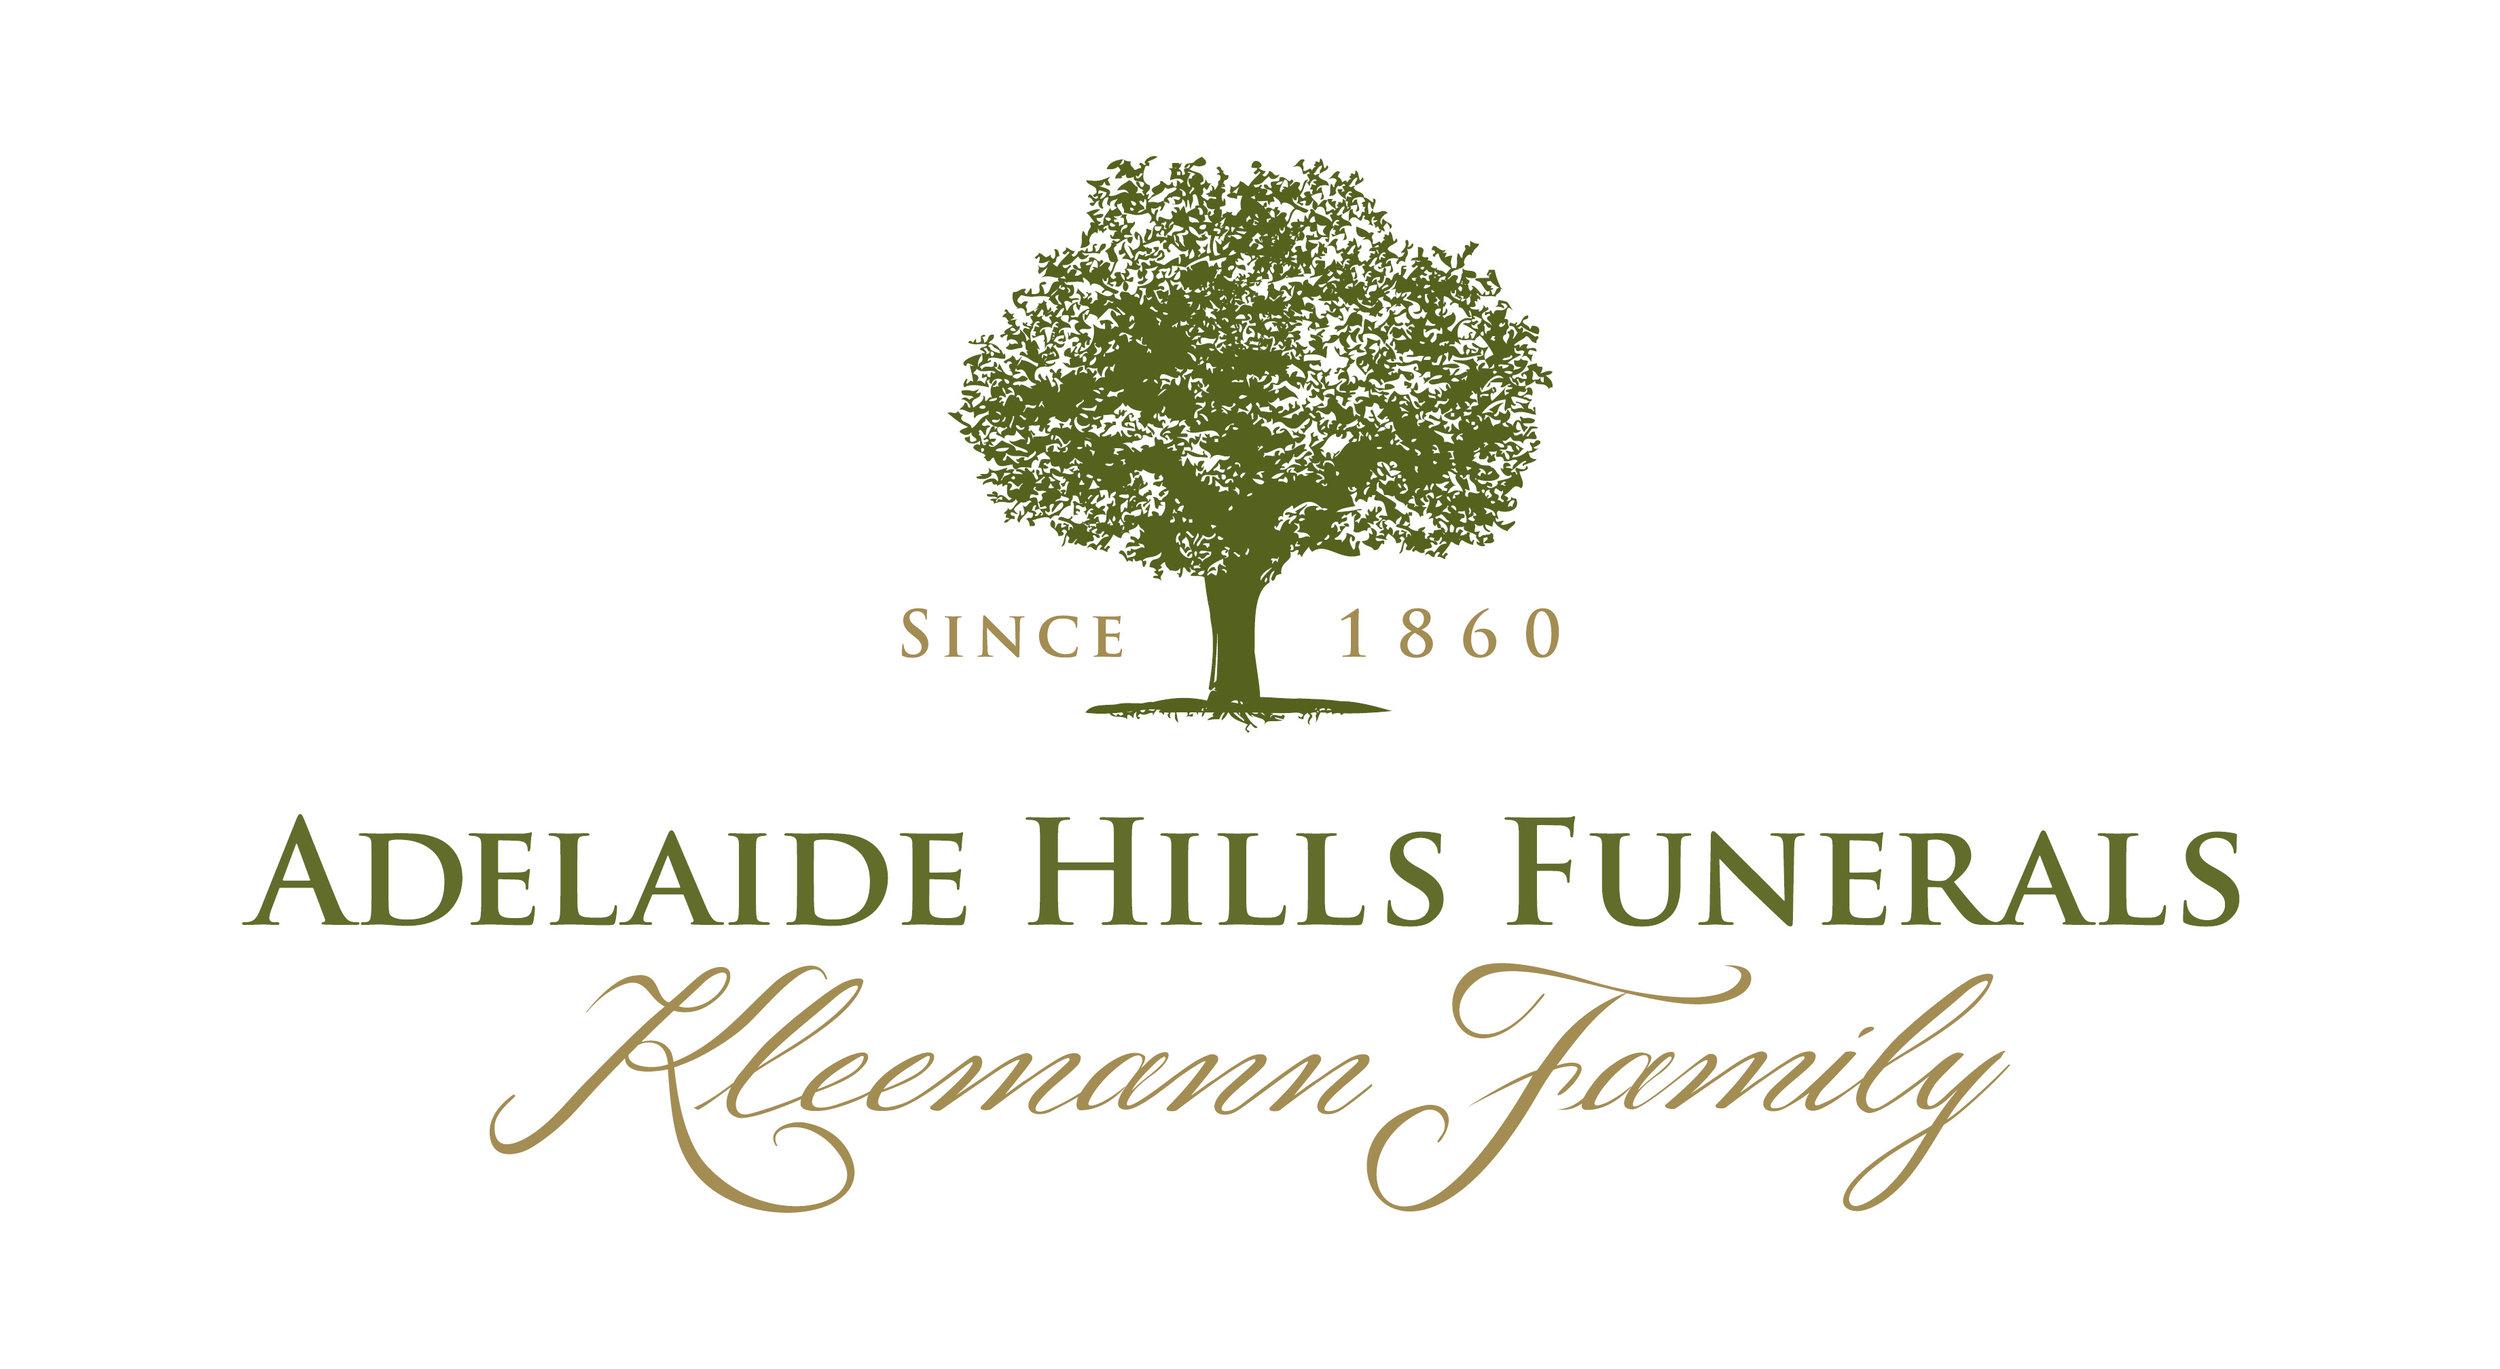 Adelaide-Hills-Funerals_Landscape-Logo-Design.jpg